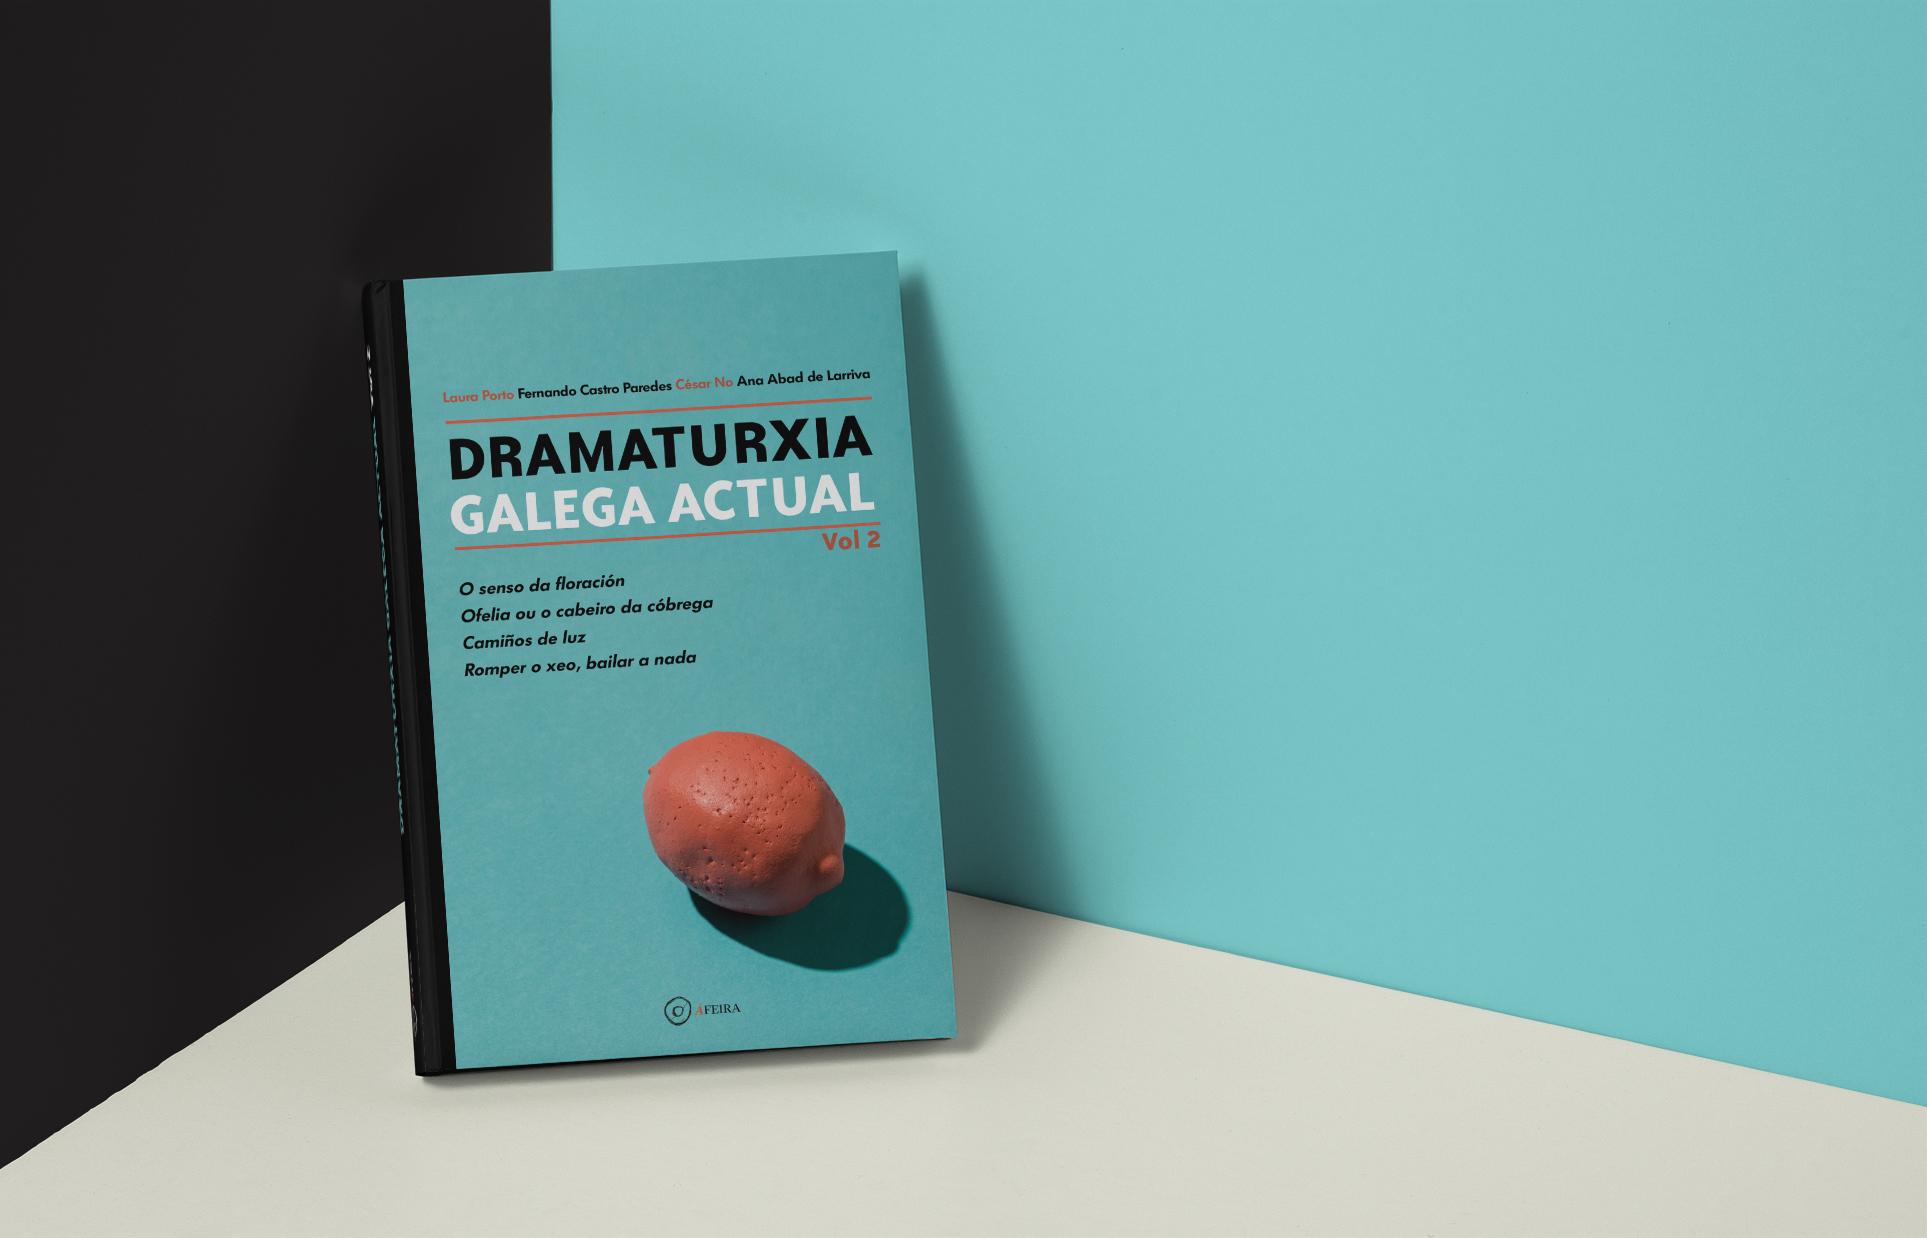 Dramaturxia Galega Actual